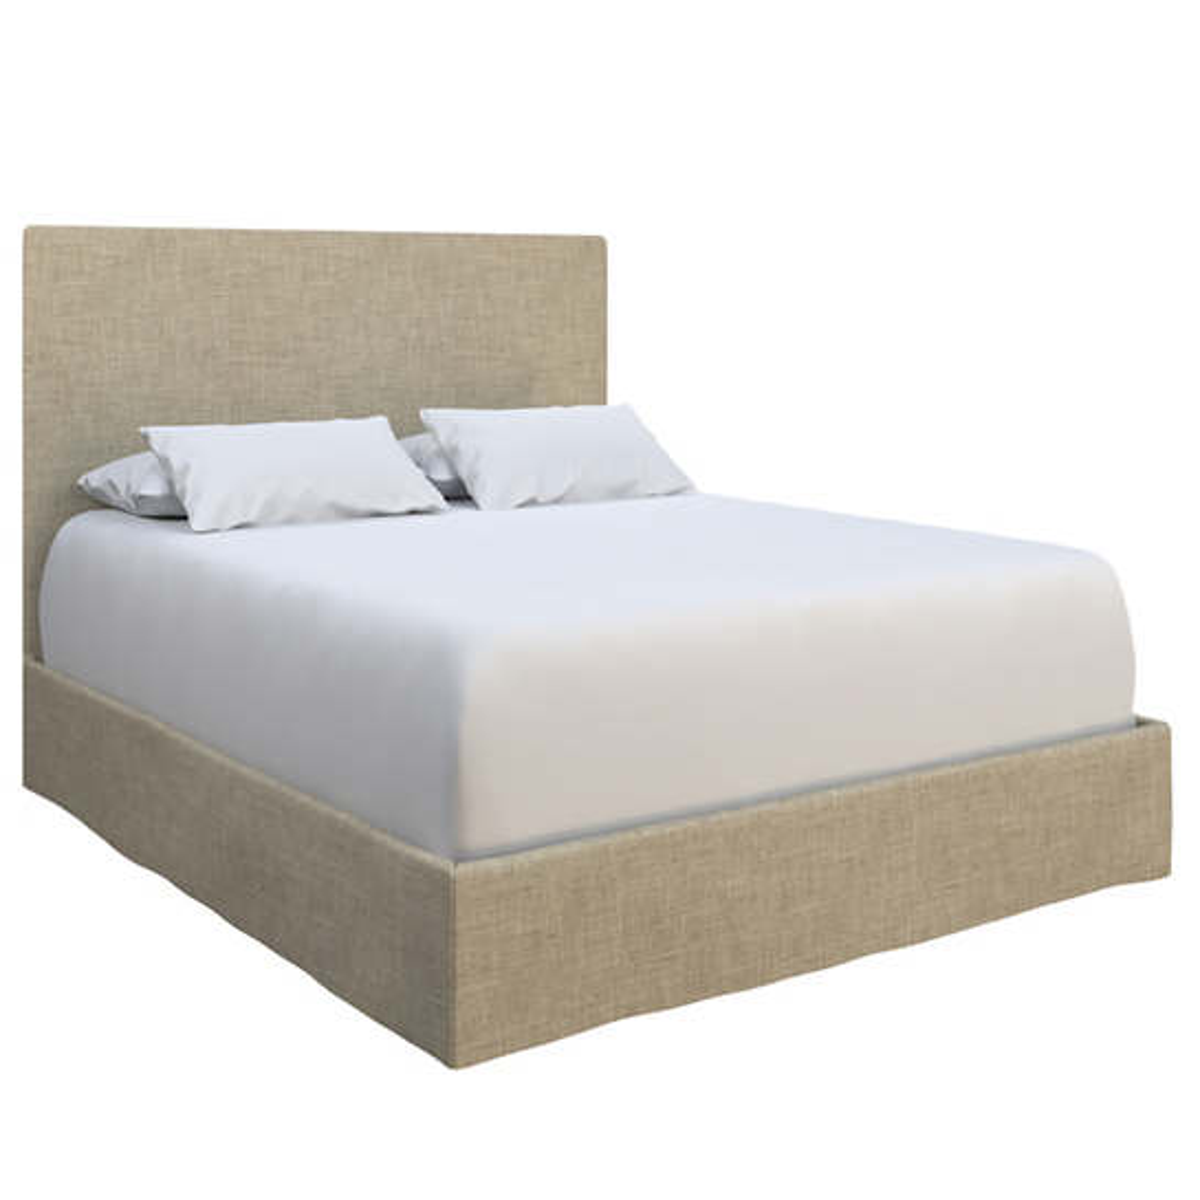 Greylock Grey Langston Bed